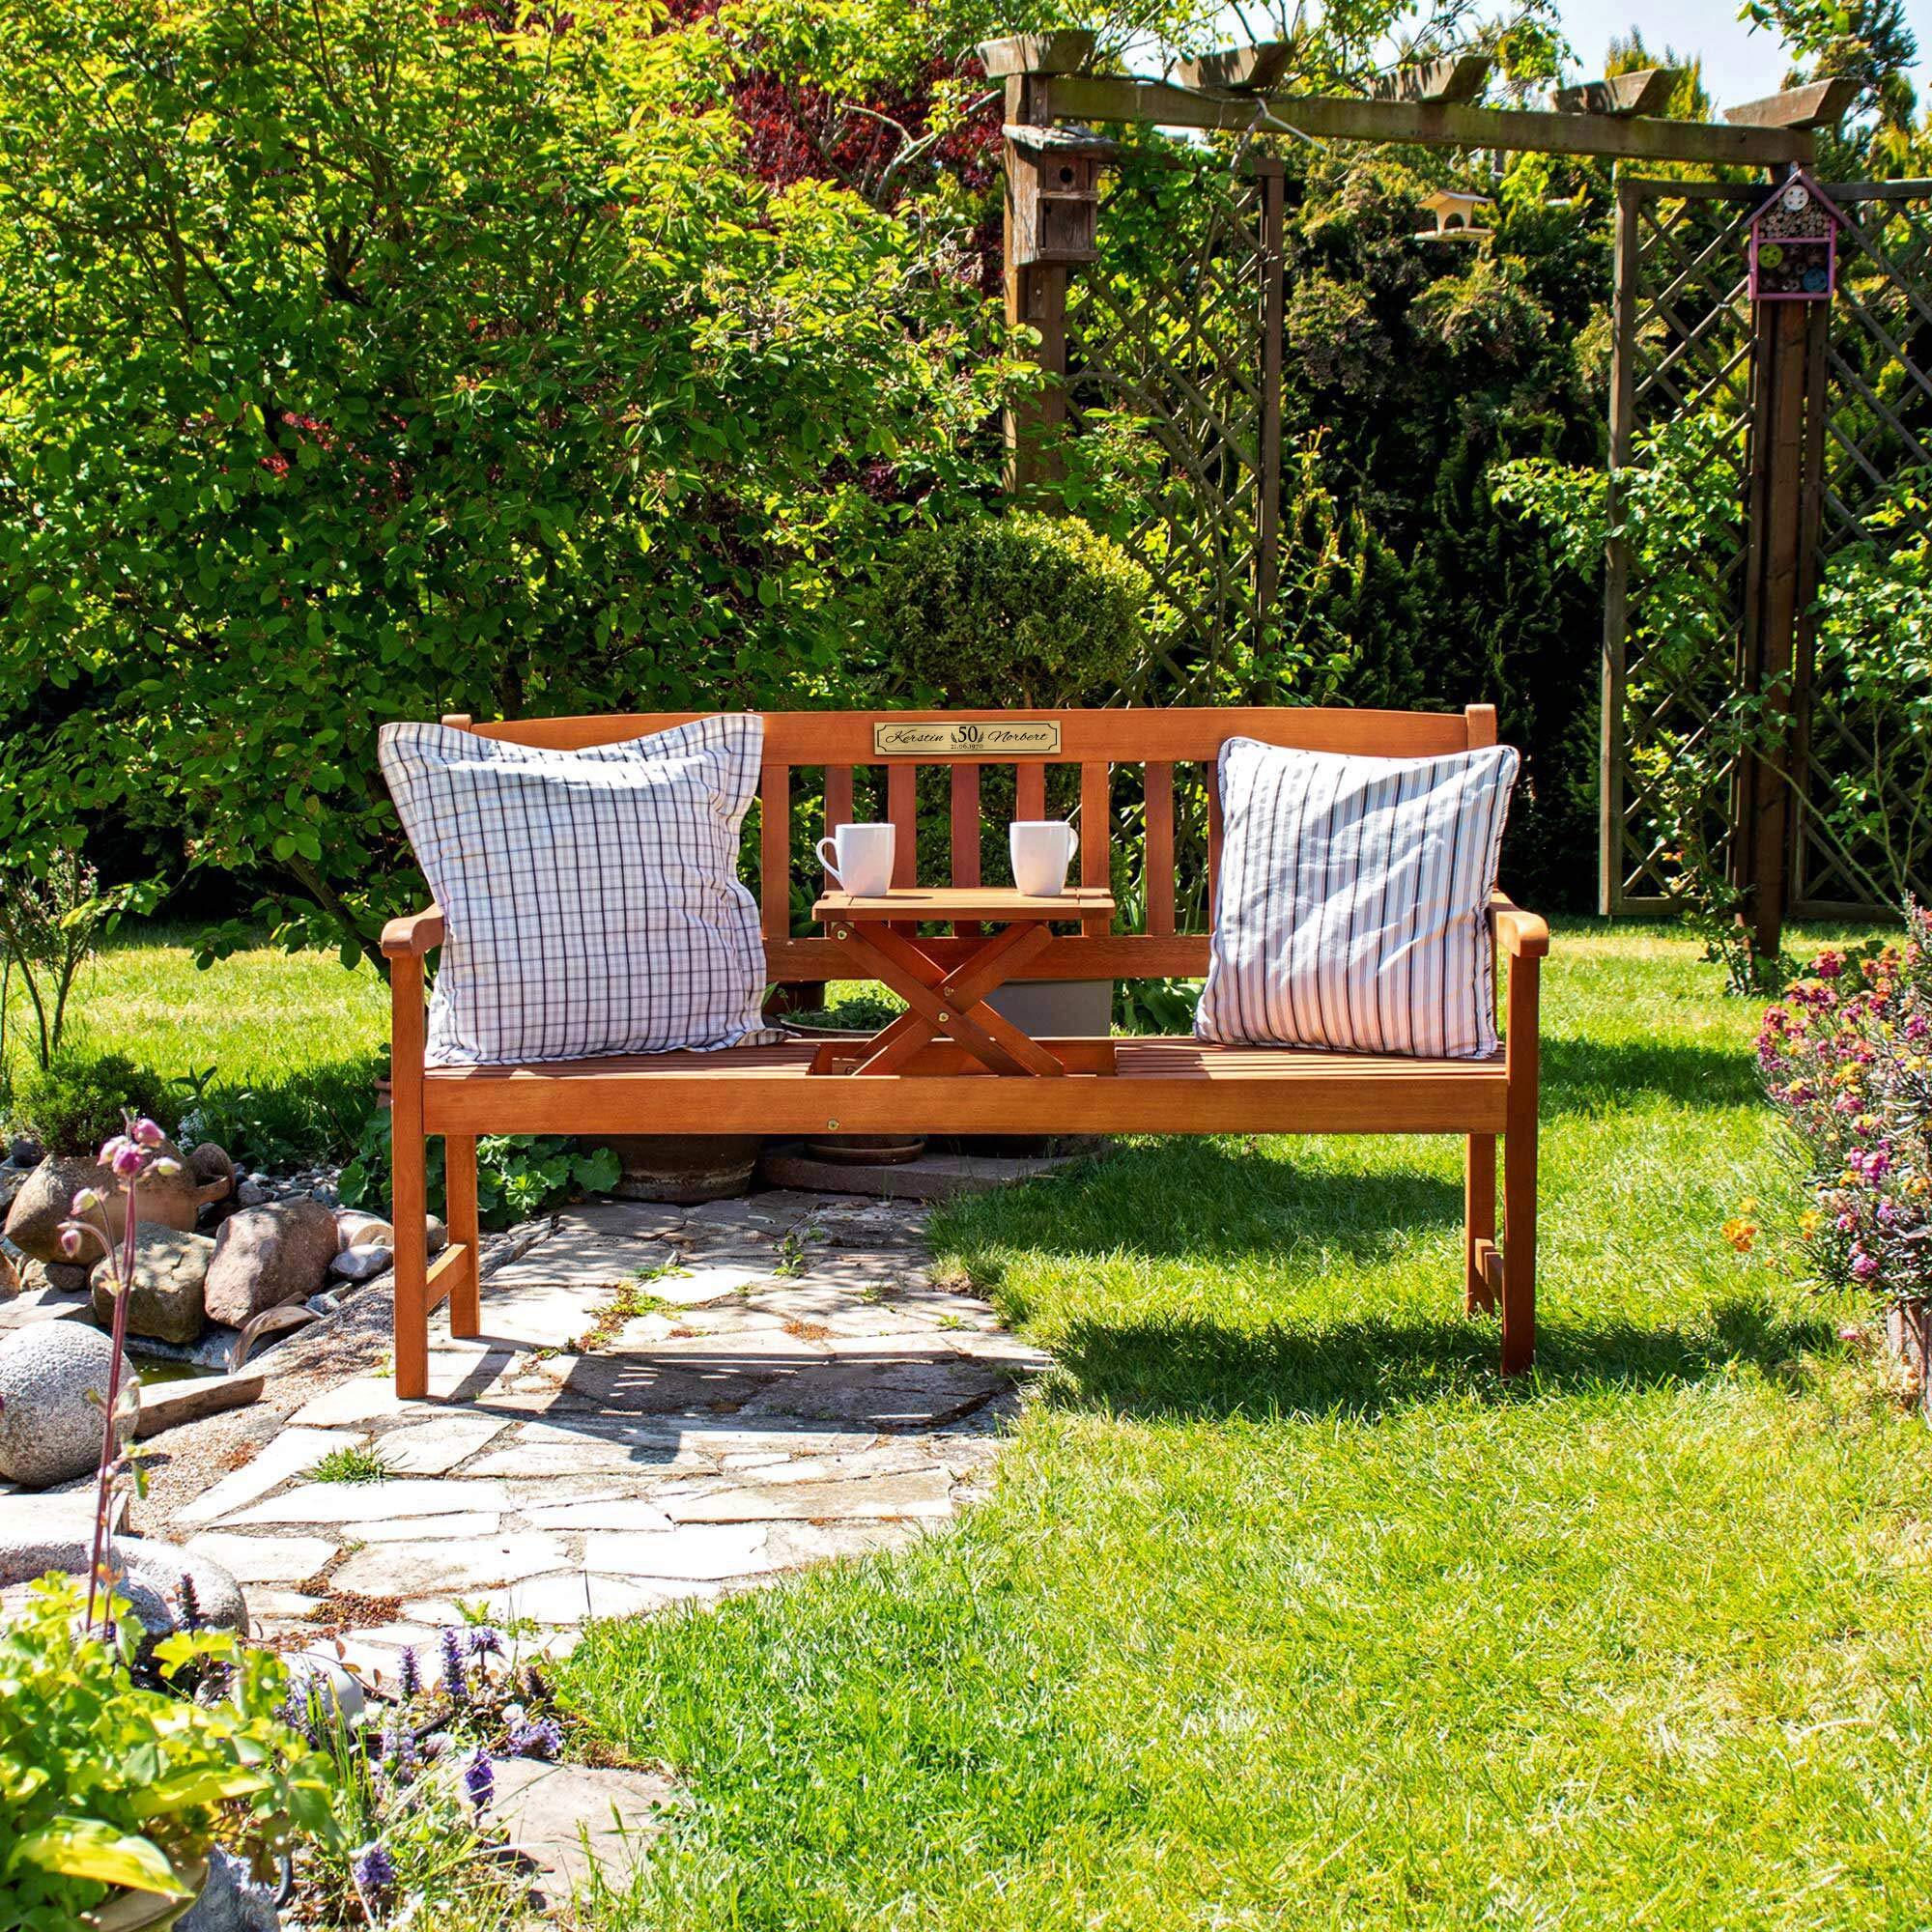 Gartenbank zur Goldenen Hochzeit aus Holz mit personalisierter Plakette